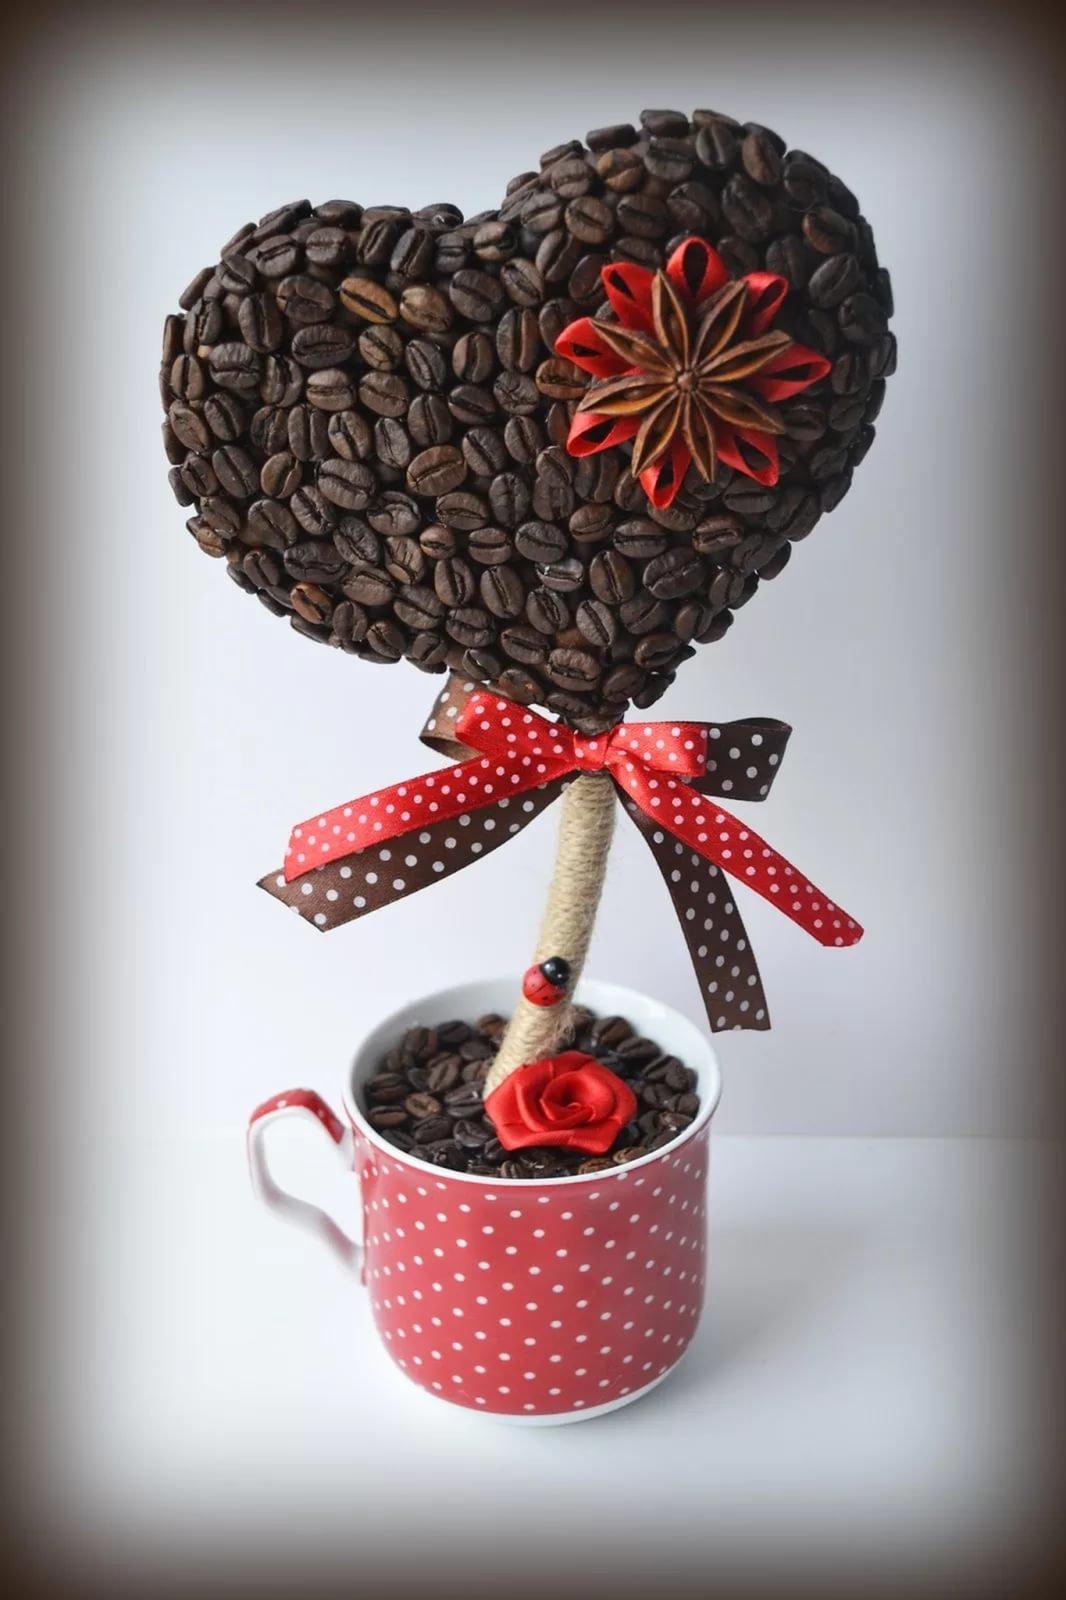 Все фото подарков из кофейных зерен